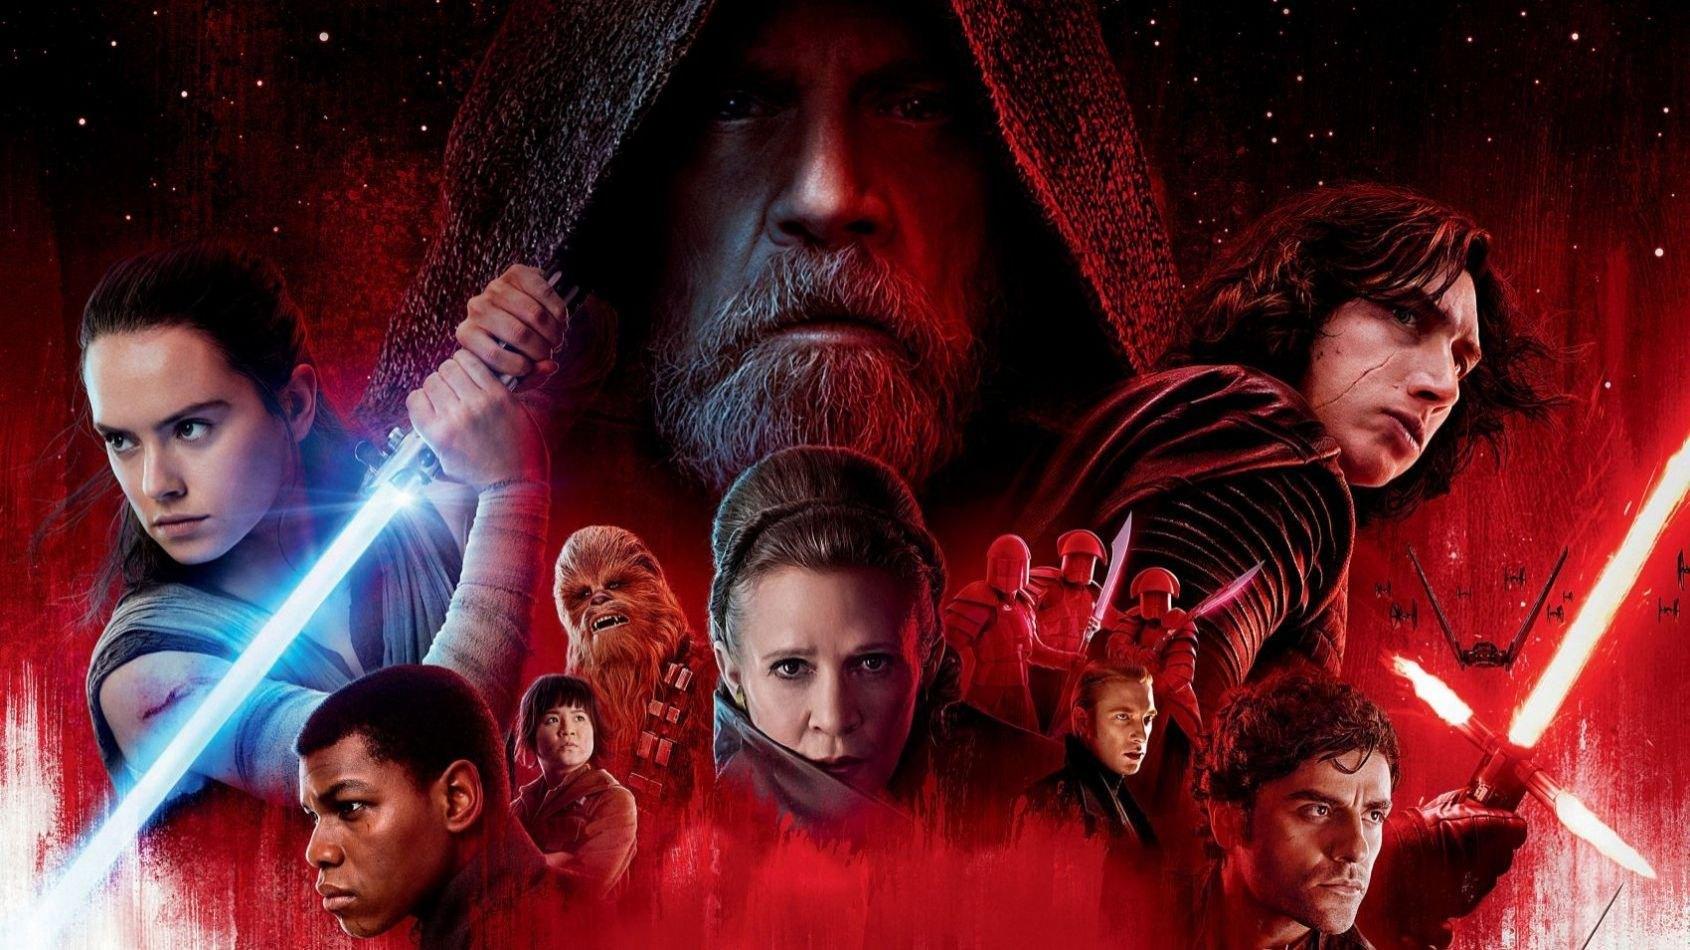 Critique des Bonus du Blu-ray des Derniers Jedi